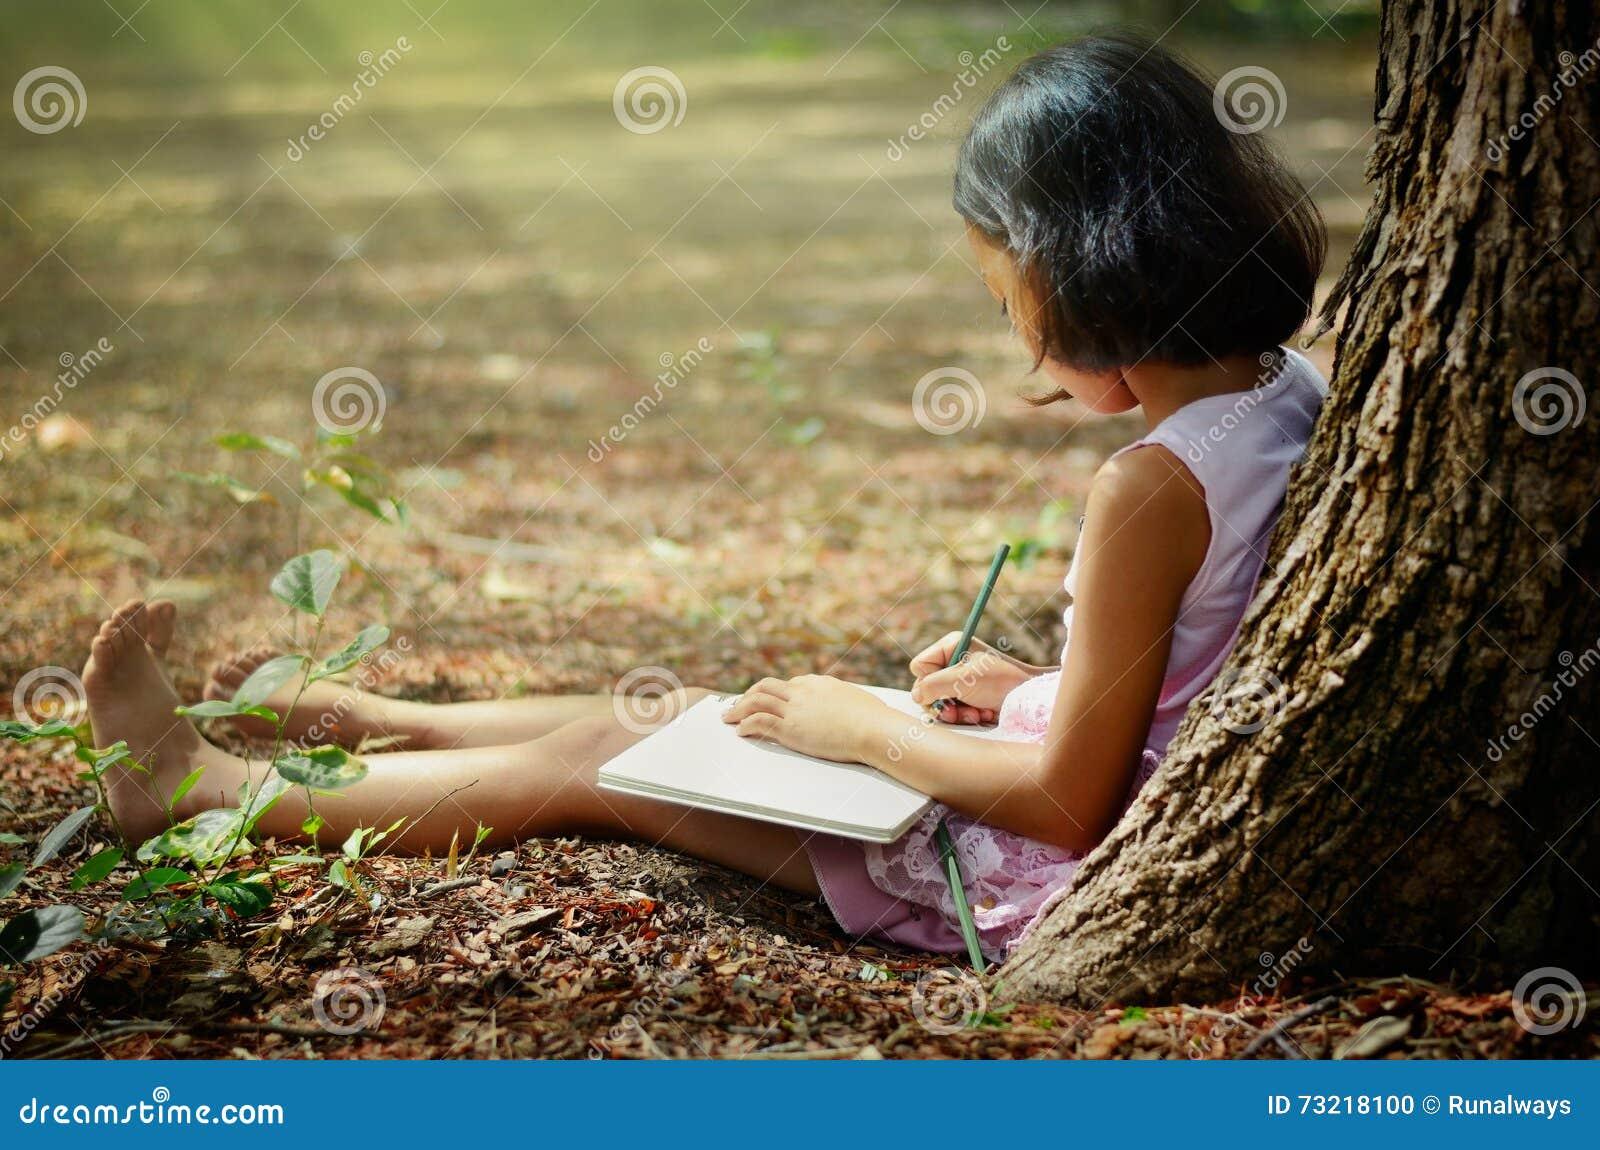 Vaucluse : une fillette de 4 ans, gare, a dormi seule